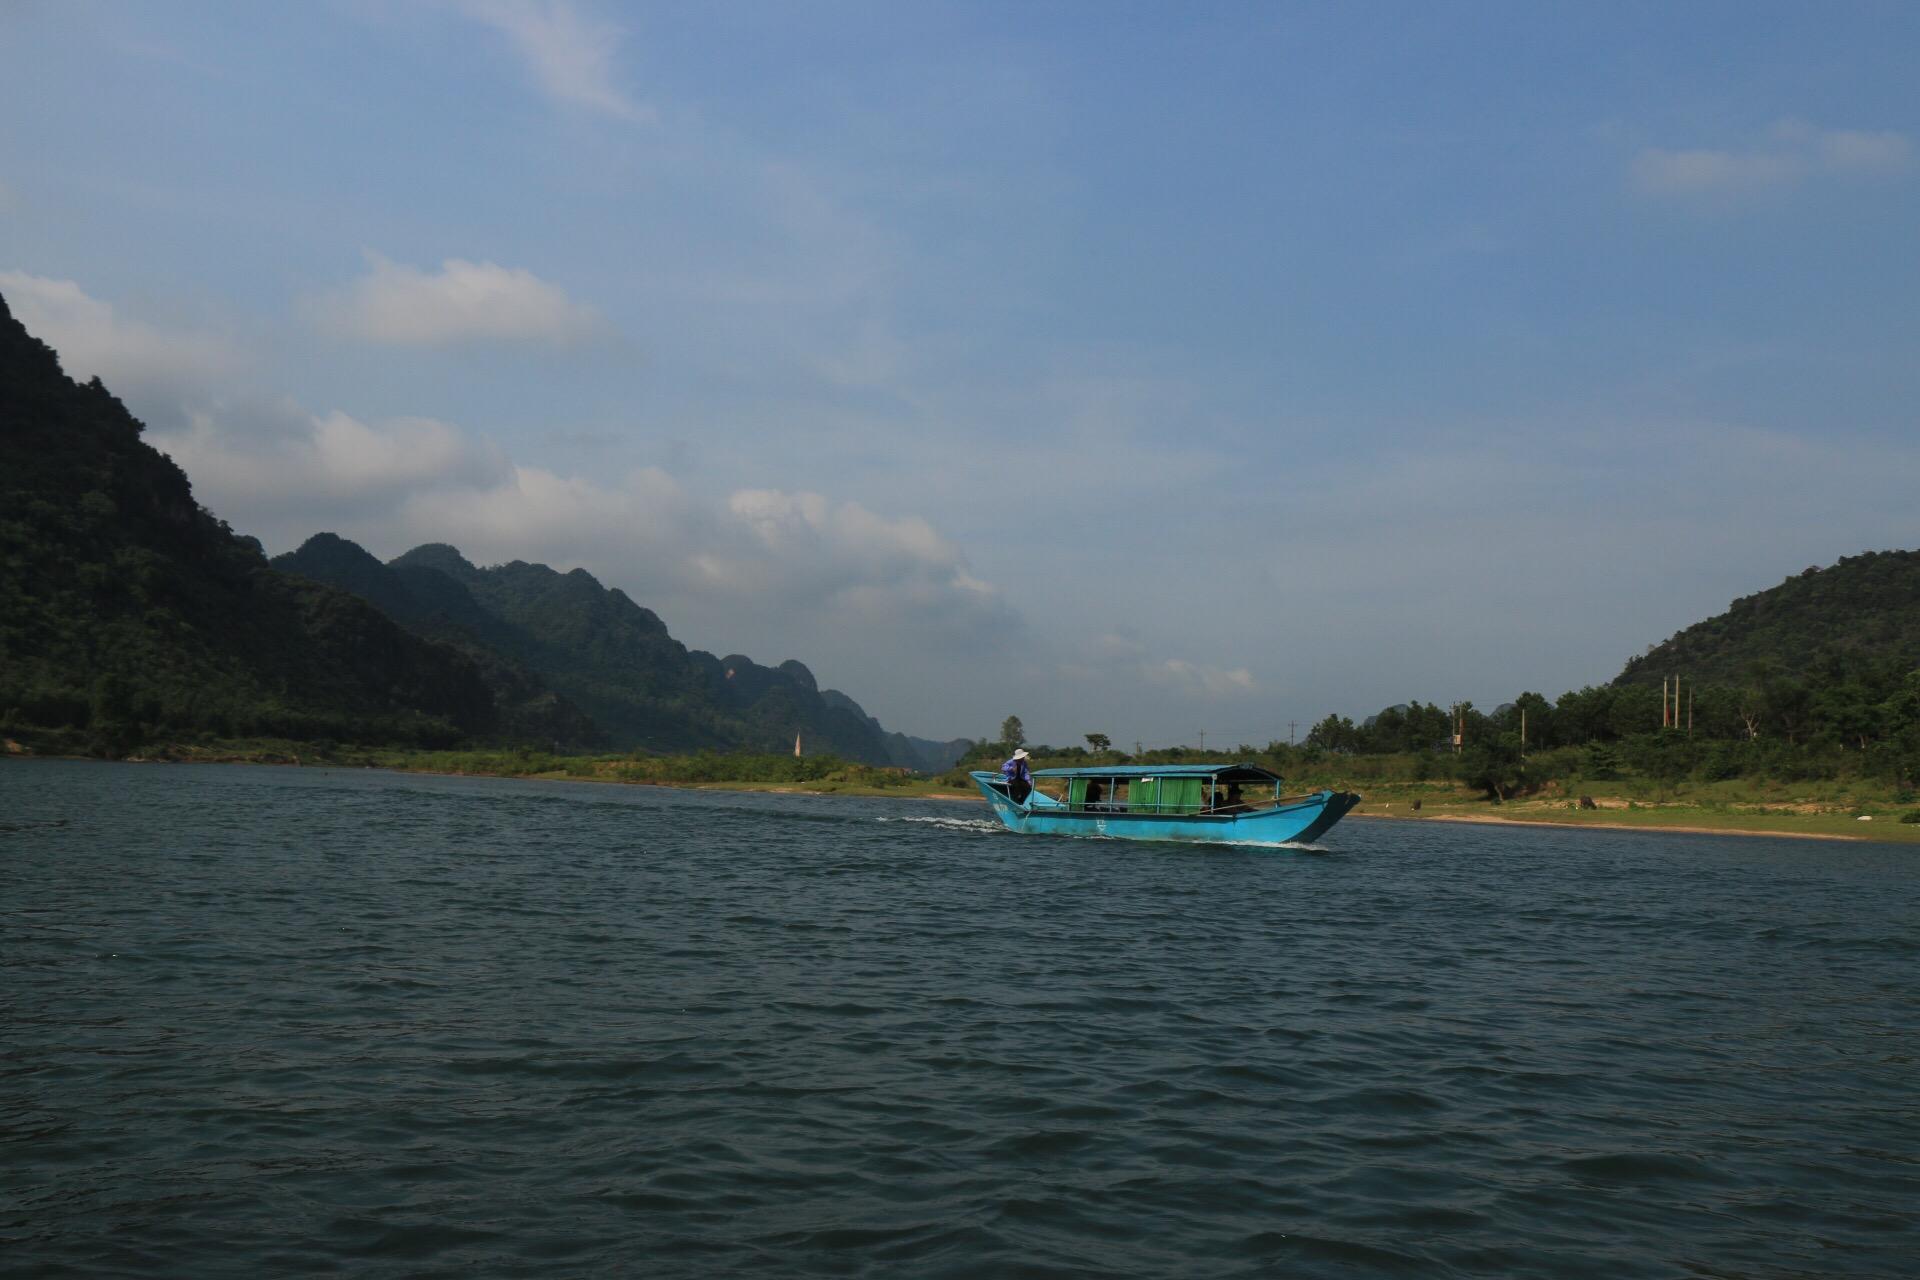 An den Dörfern entlang ging es per Boot zurück zum Minibus.